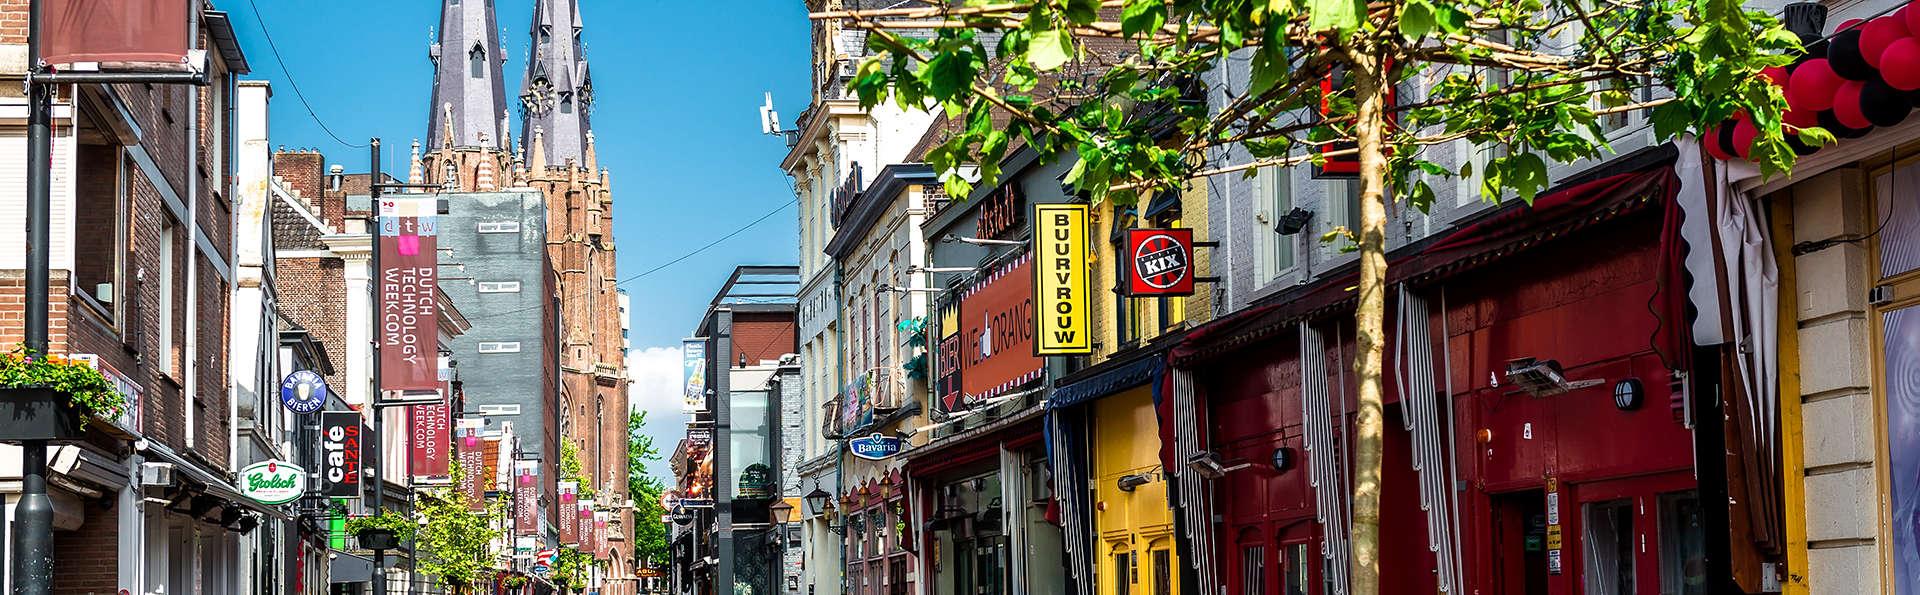 Hotel Artisan - EDIT_Destination_Eindhoven.jpg